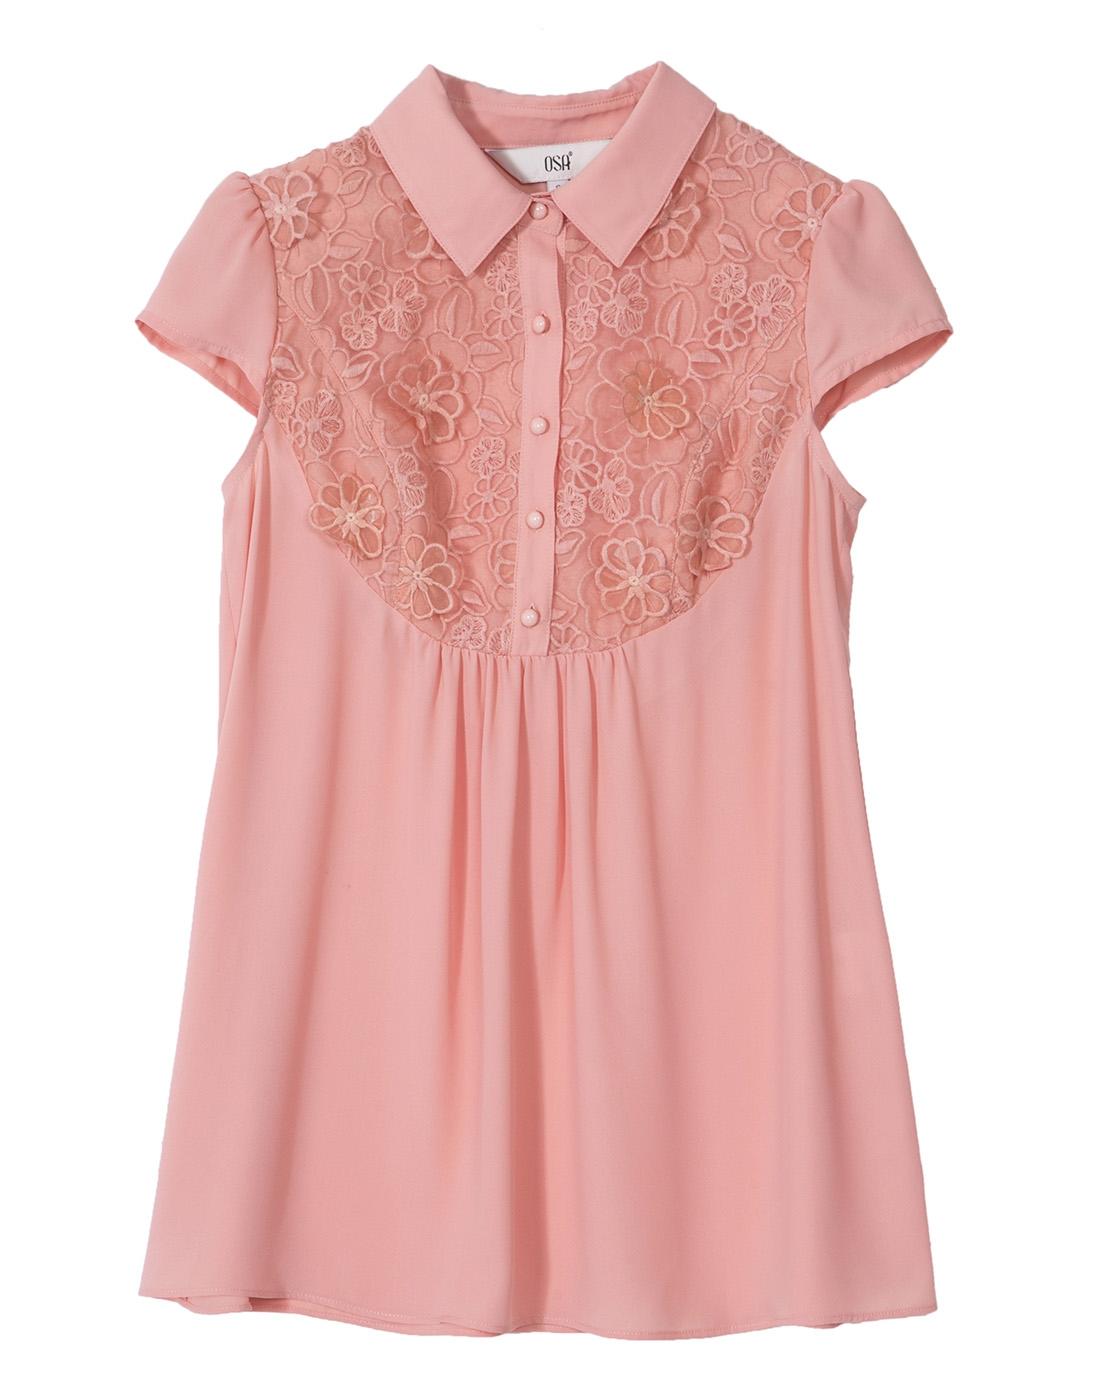 蕾丝类衣服的设计图